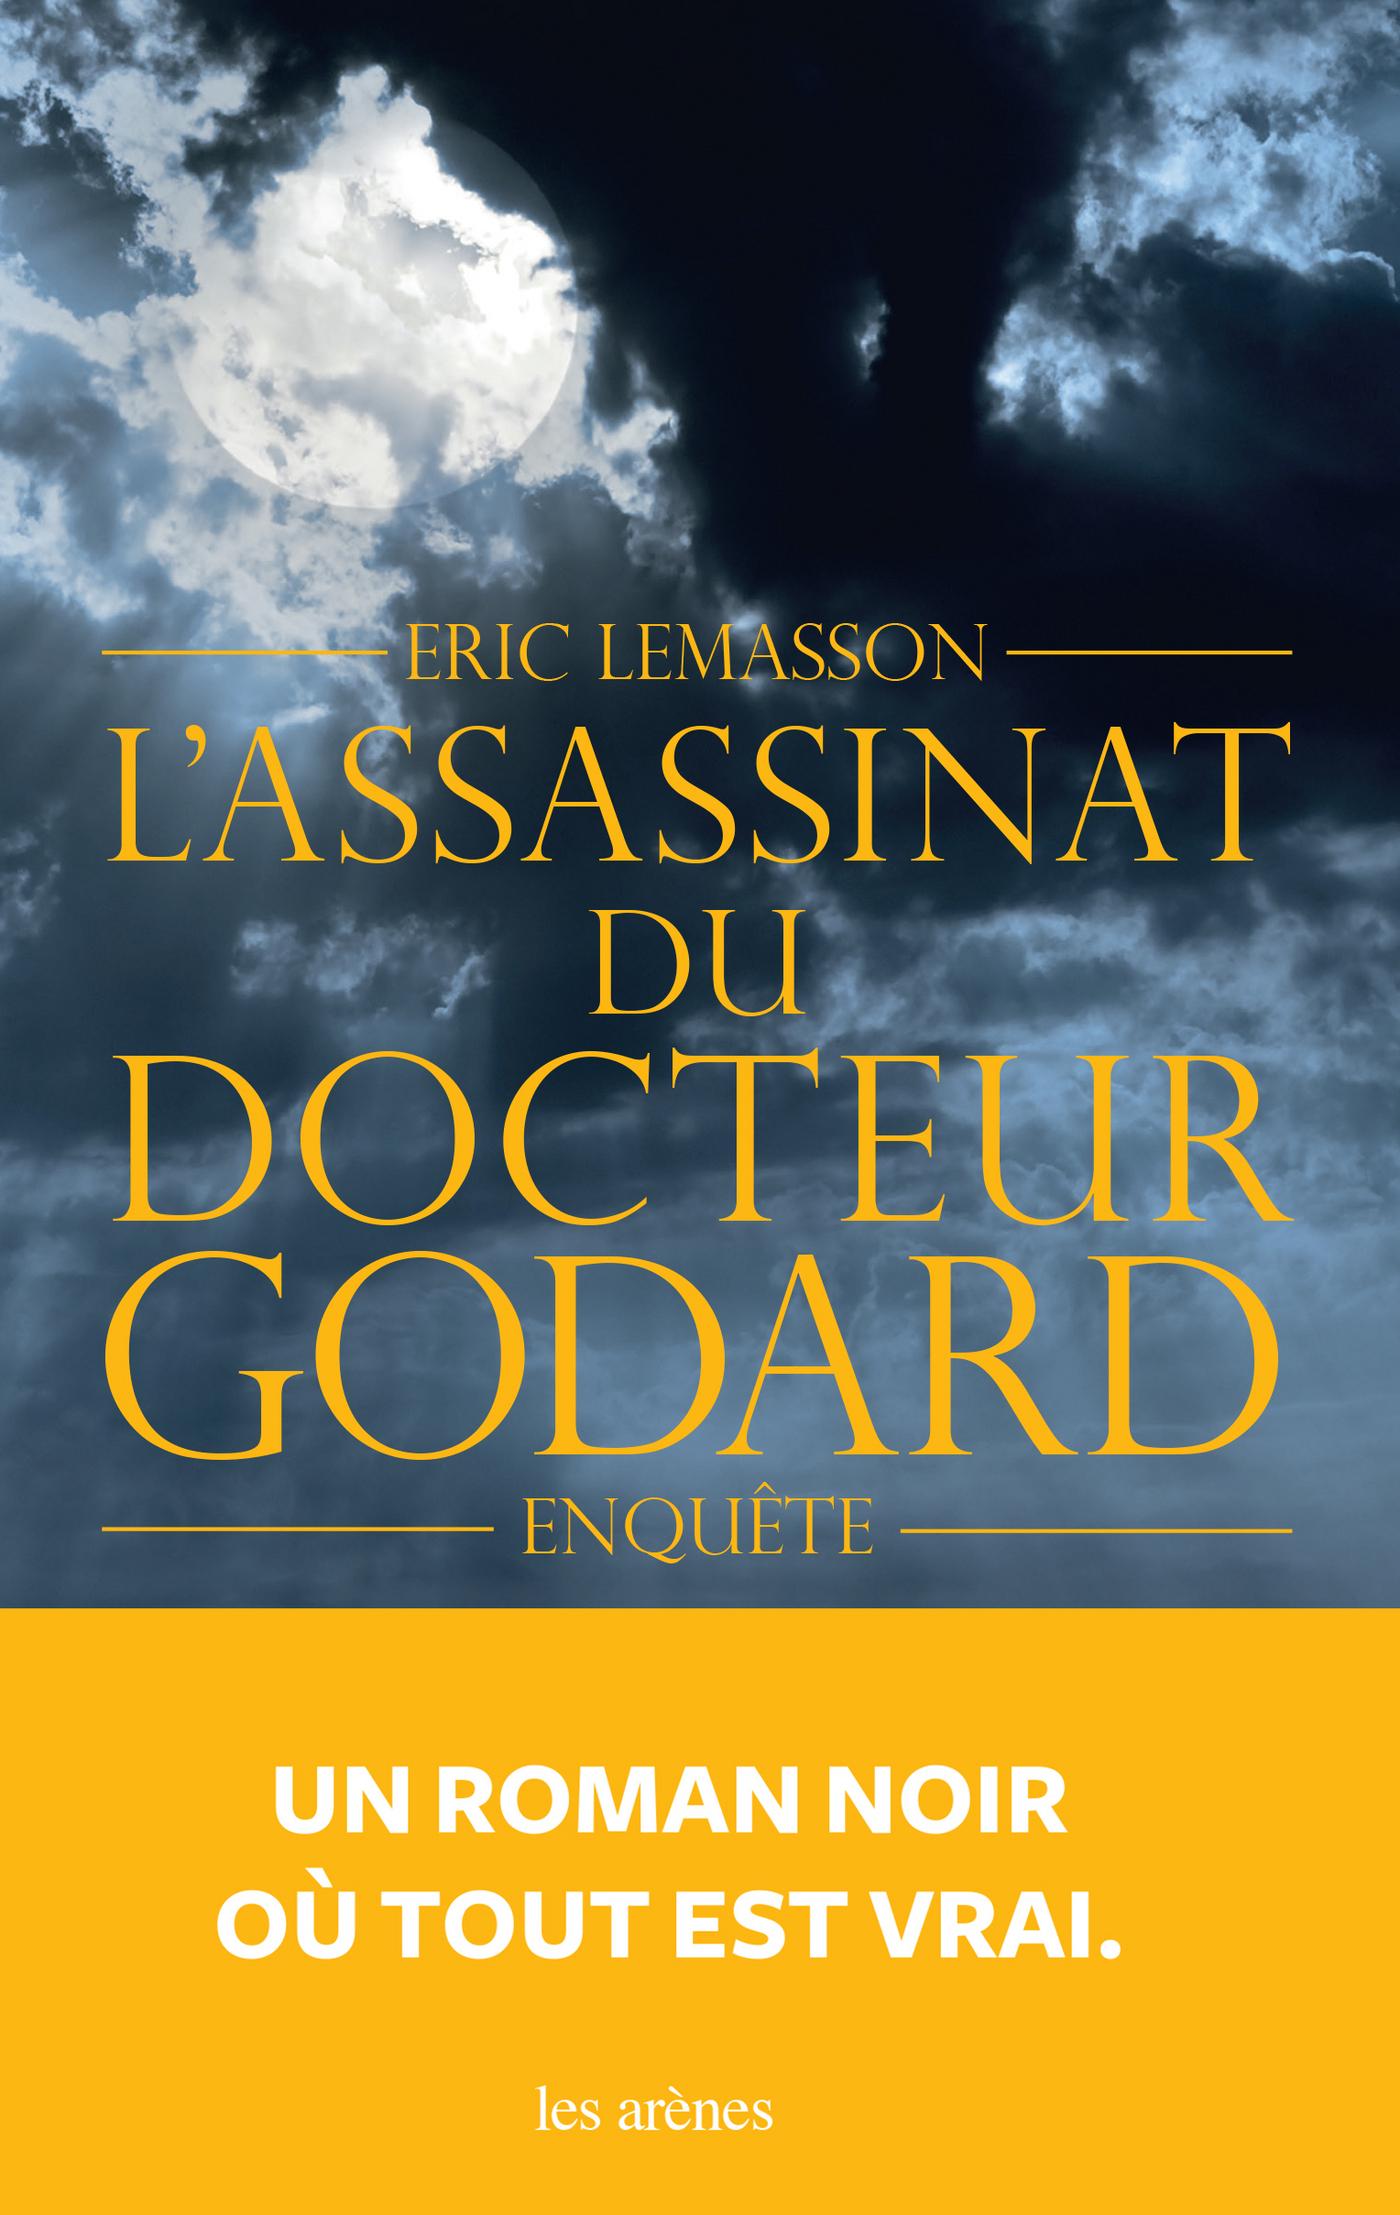 L'Assassinat du Docteur Godard